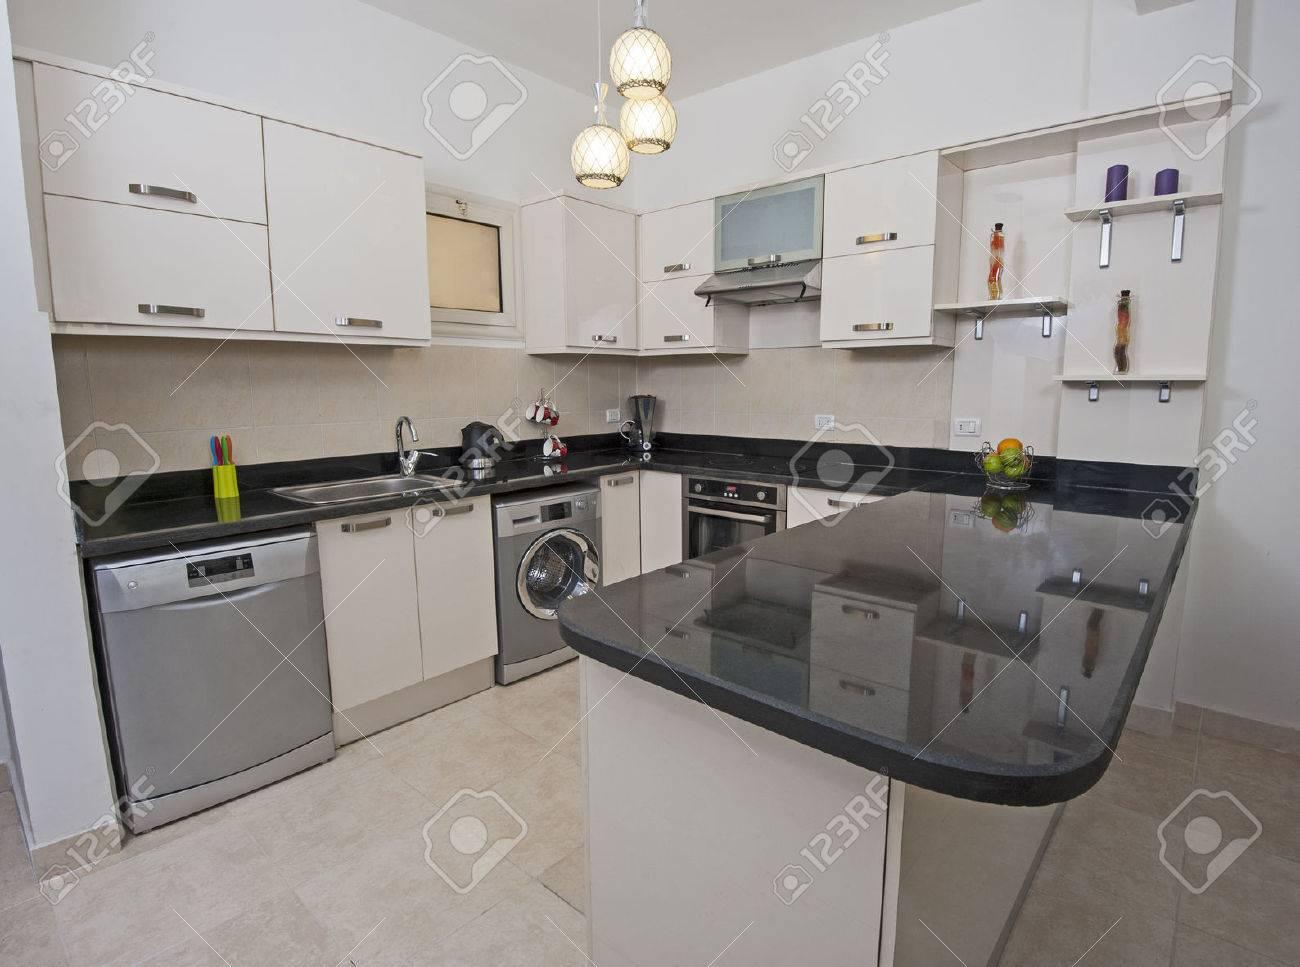 Cocina estilo americano de apartamento de lujo que muestra el diseño de  interiores